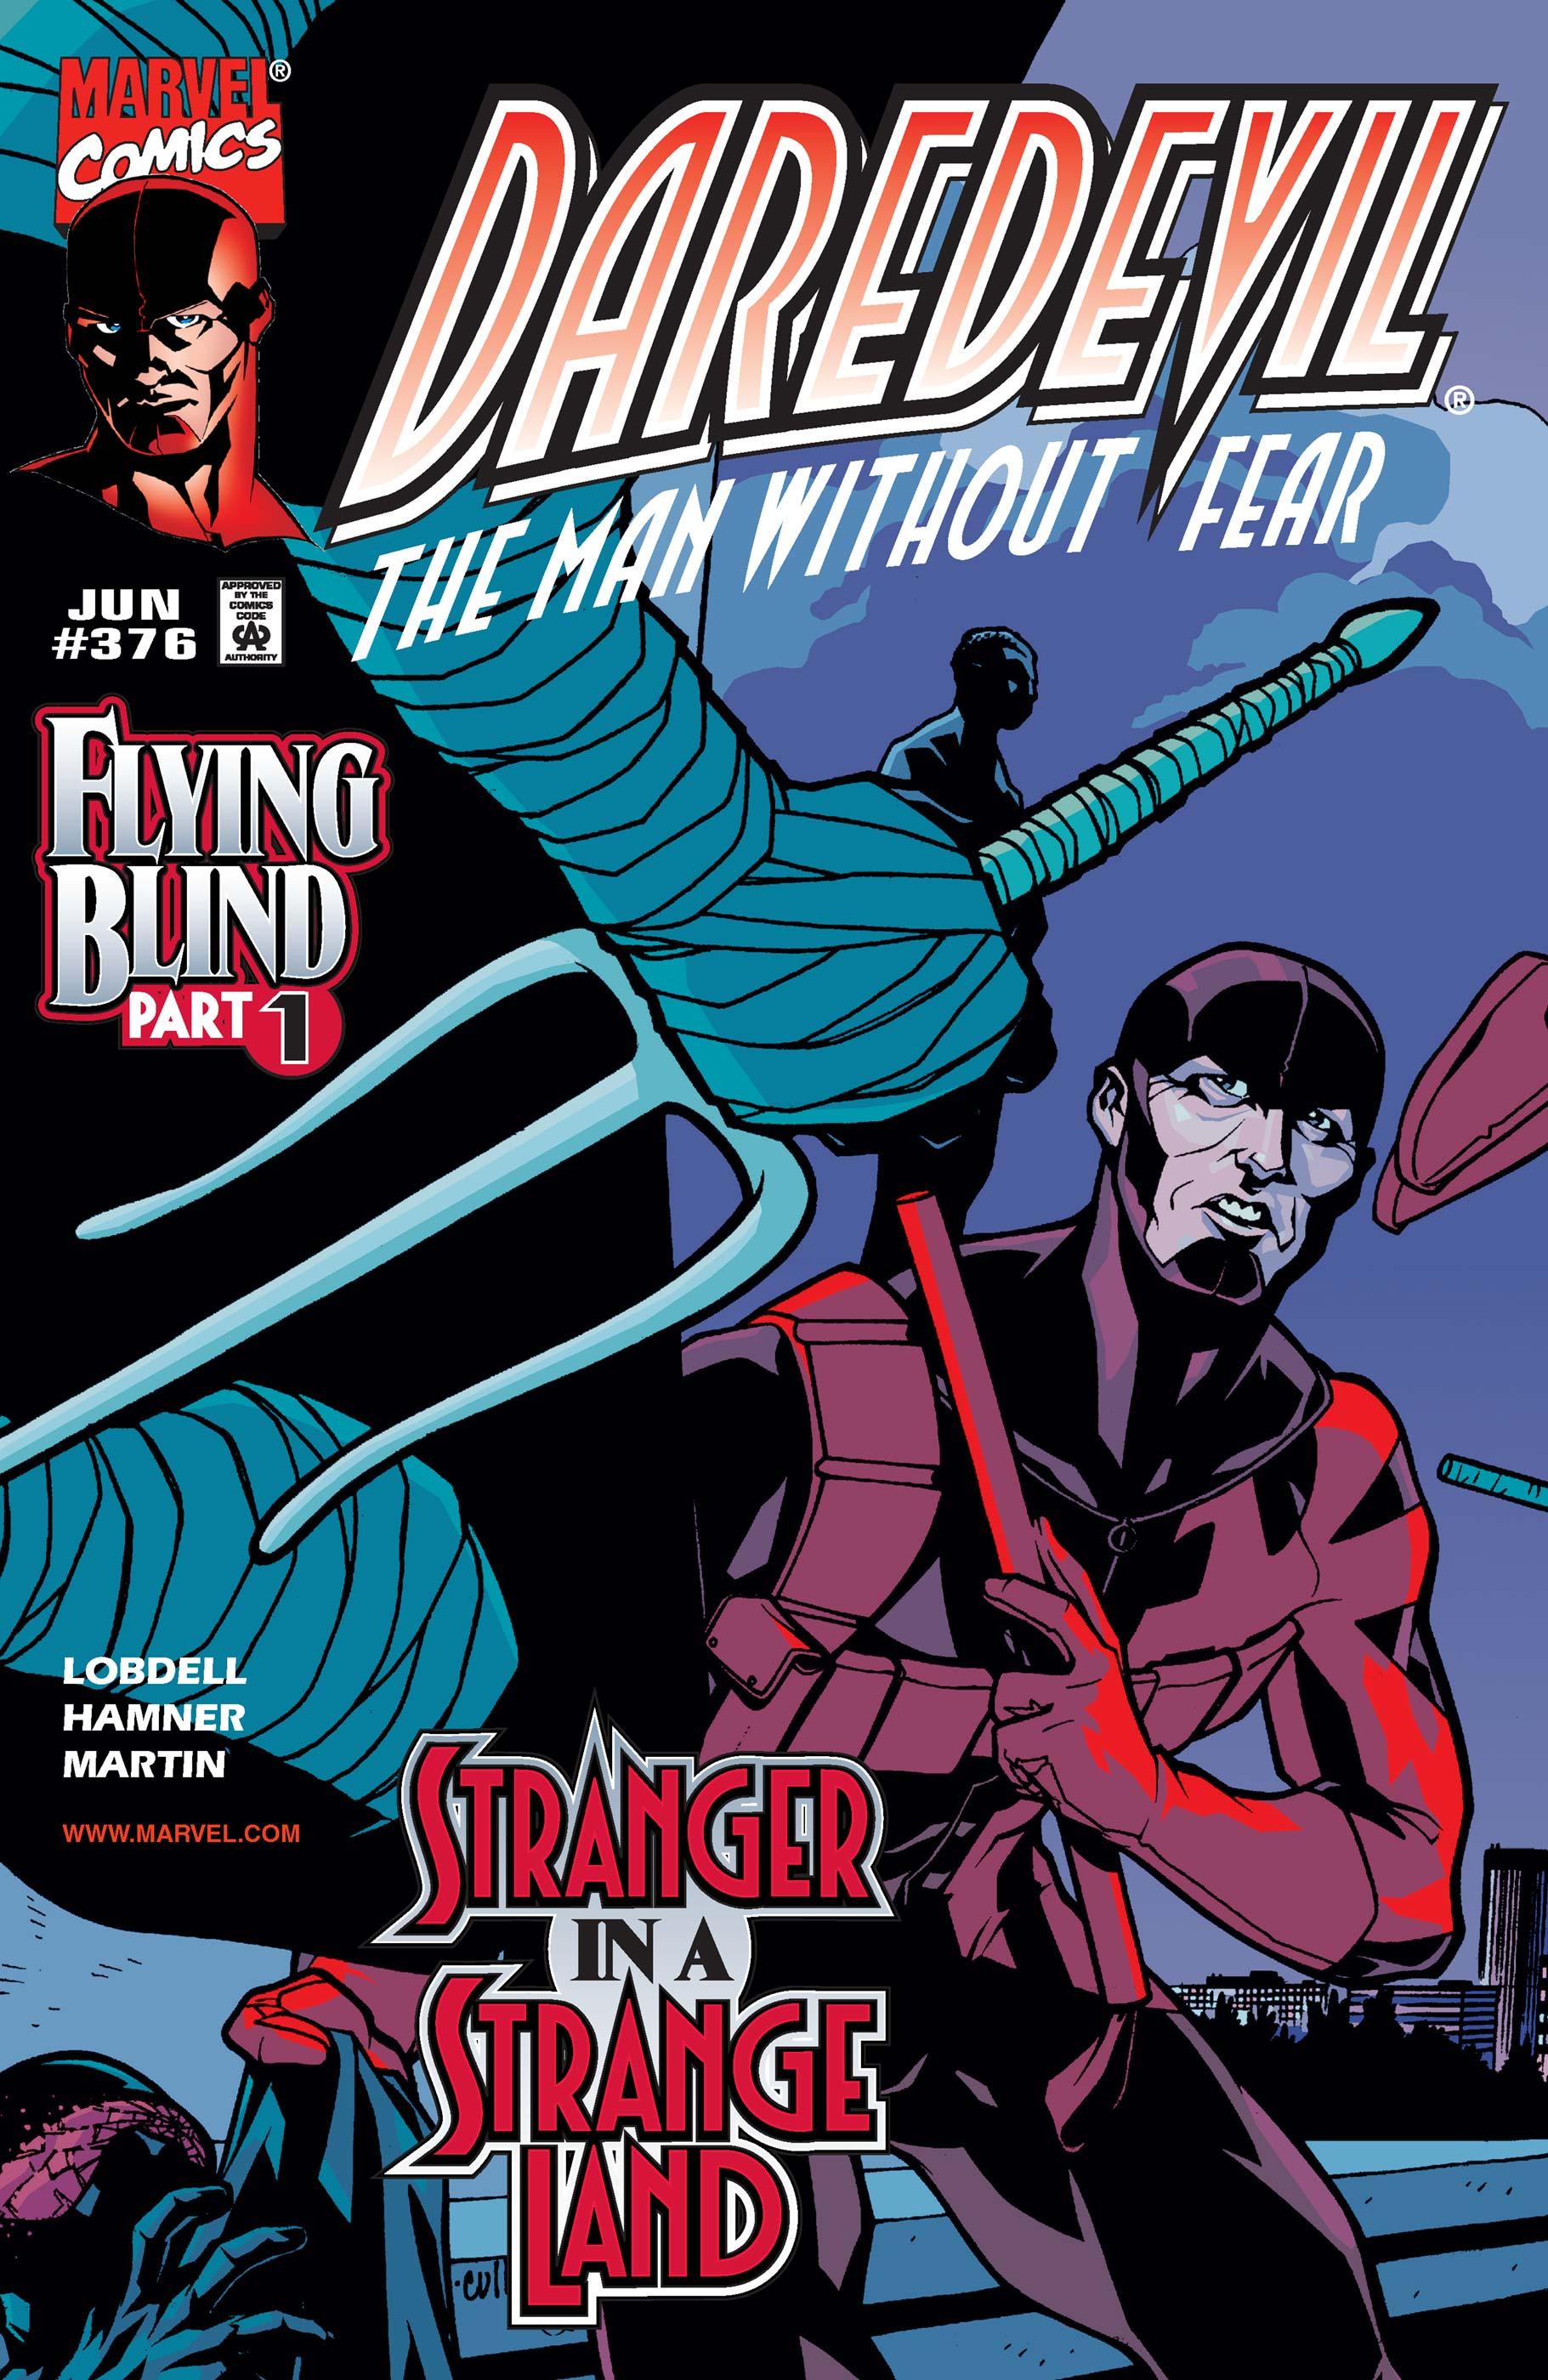 Daredevil (1964) #376